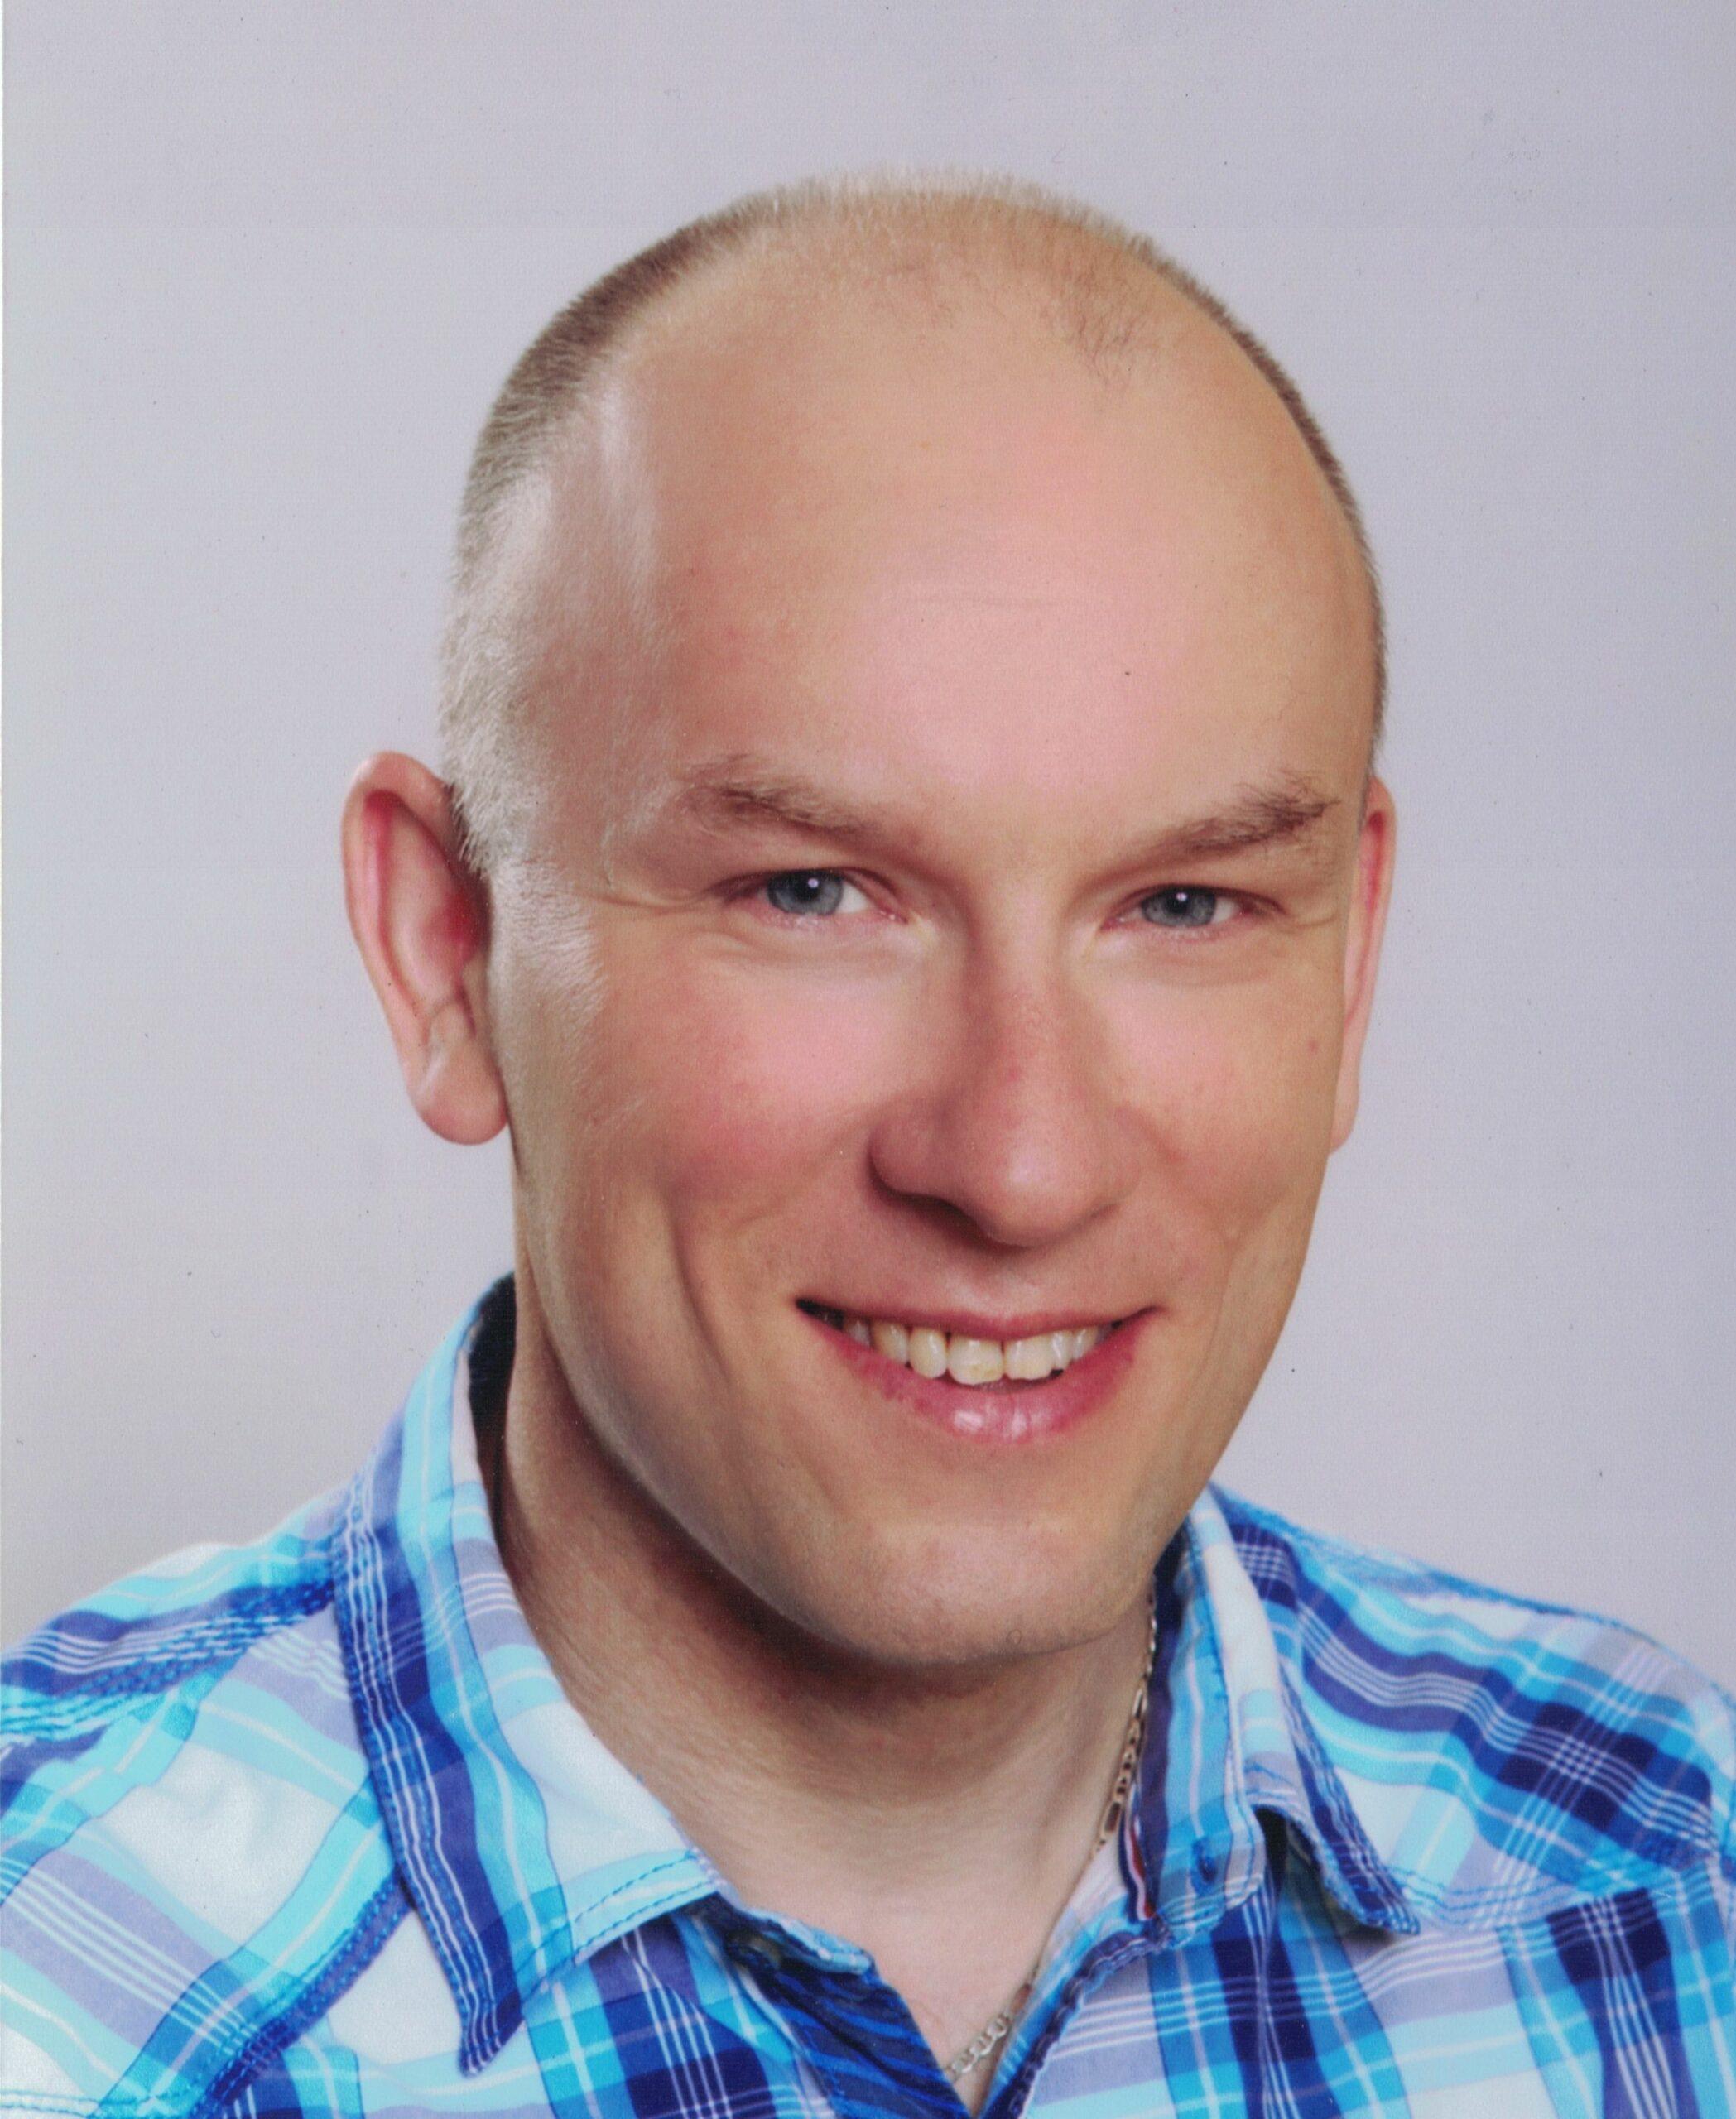 Mr. Daniel Navratil